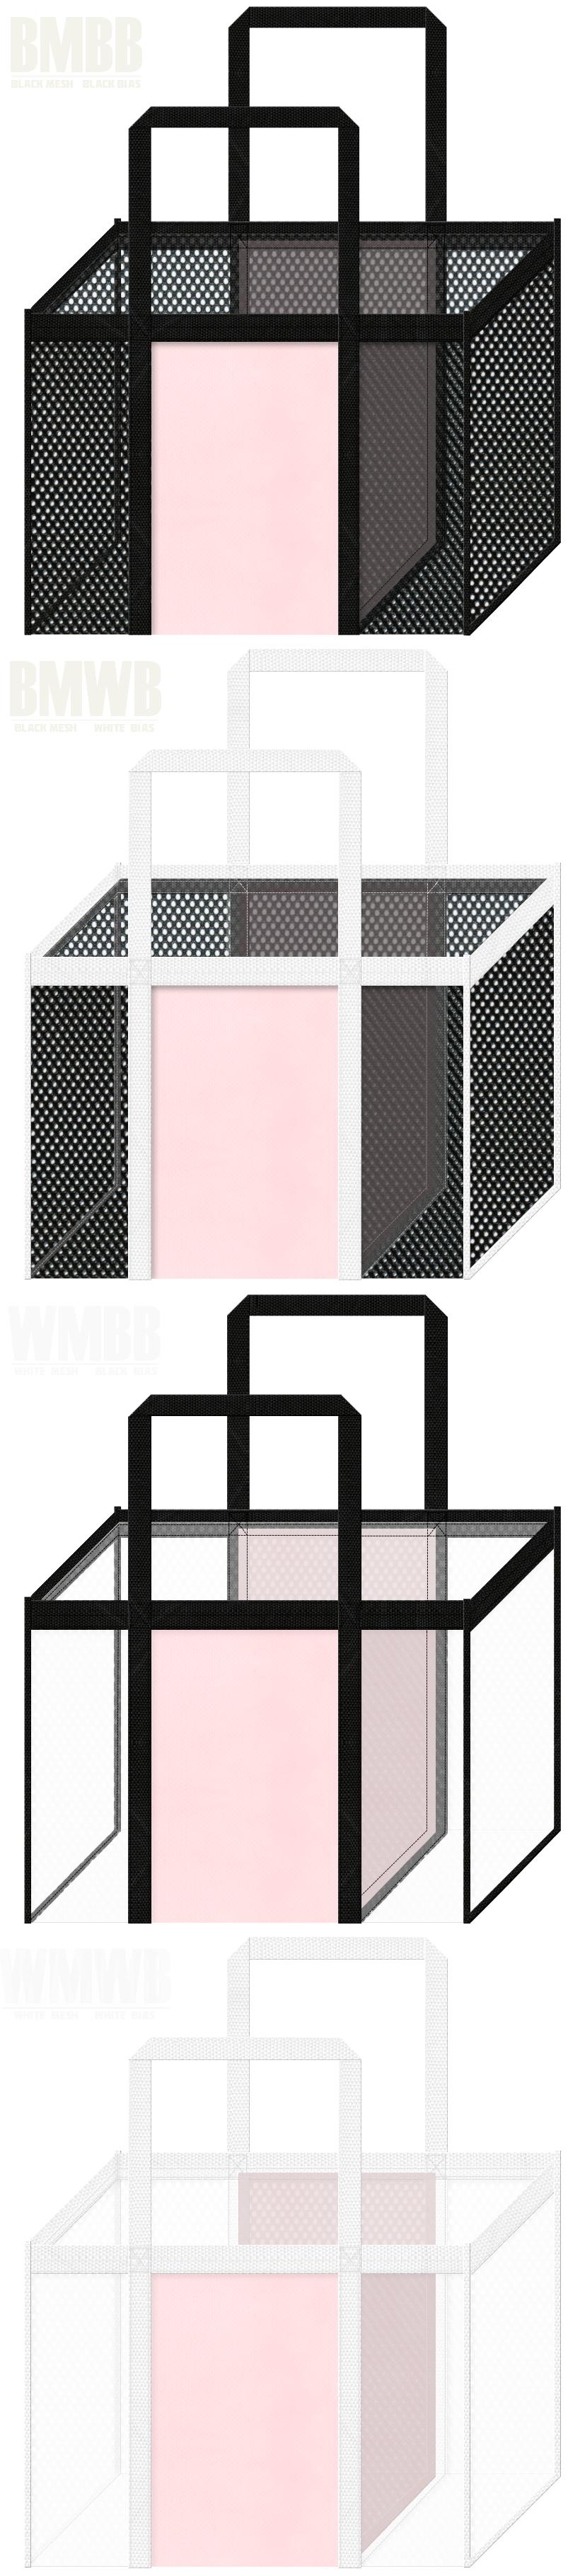 角型メッシュバッグのカラーシミュレーション:黒色・白色メッシュと桜色不織布の組み合わせ